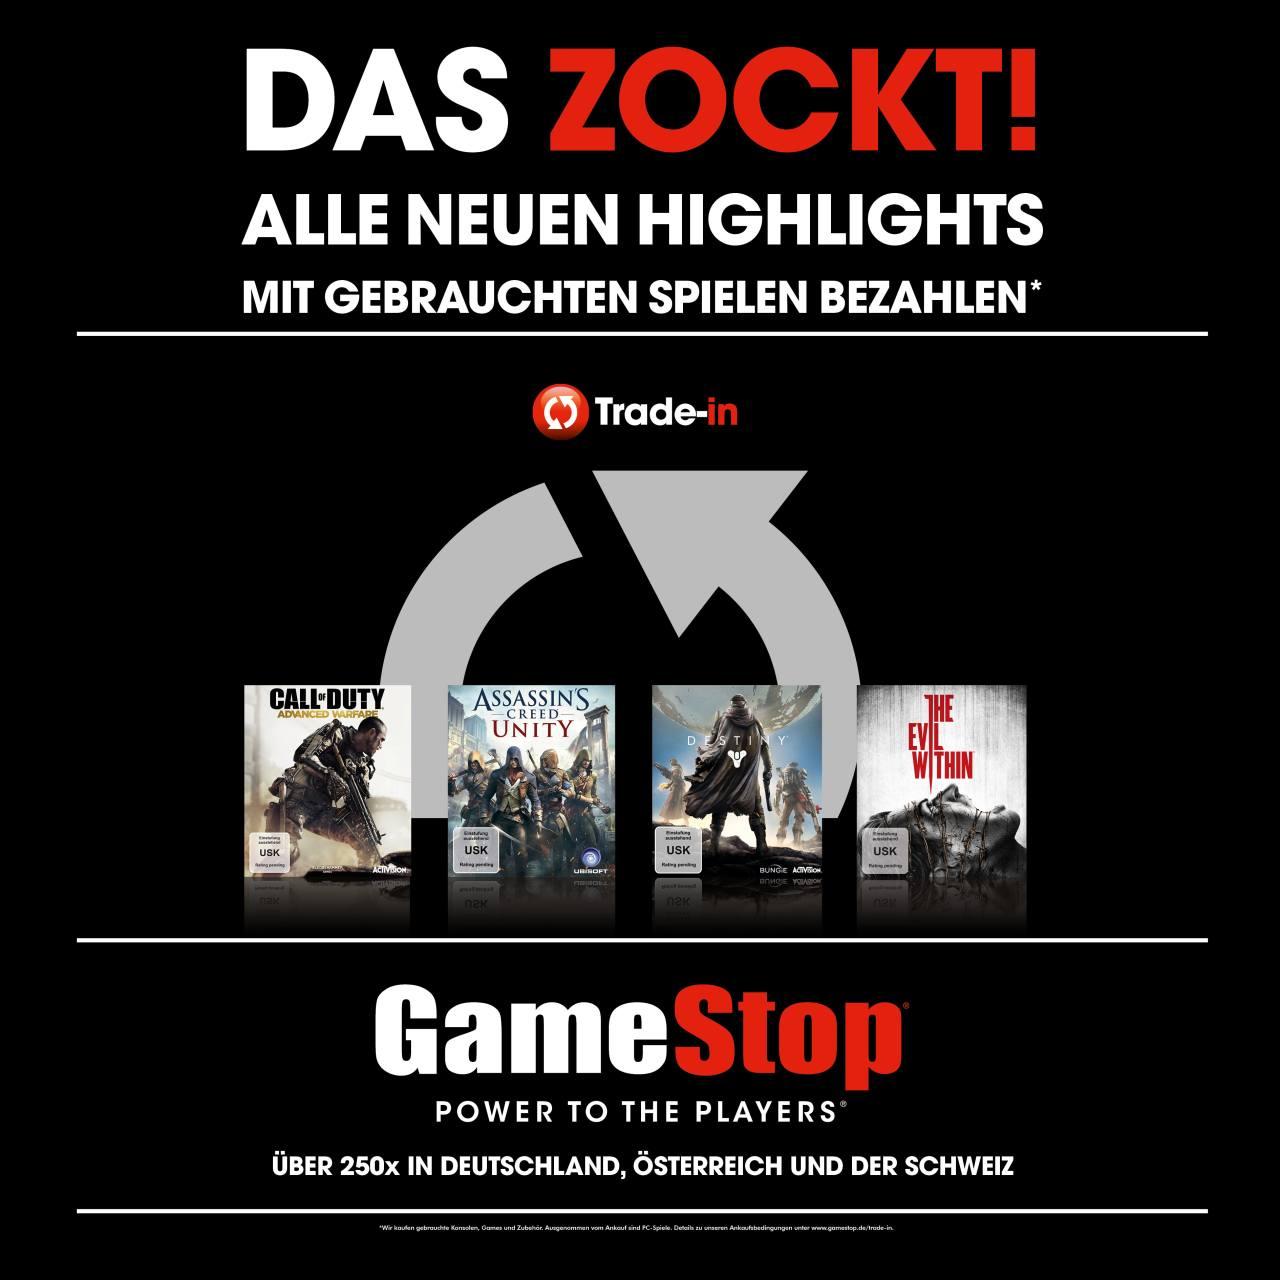 Gamescom_Motiv_Quadratisch_1000x1000mm